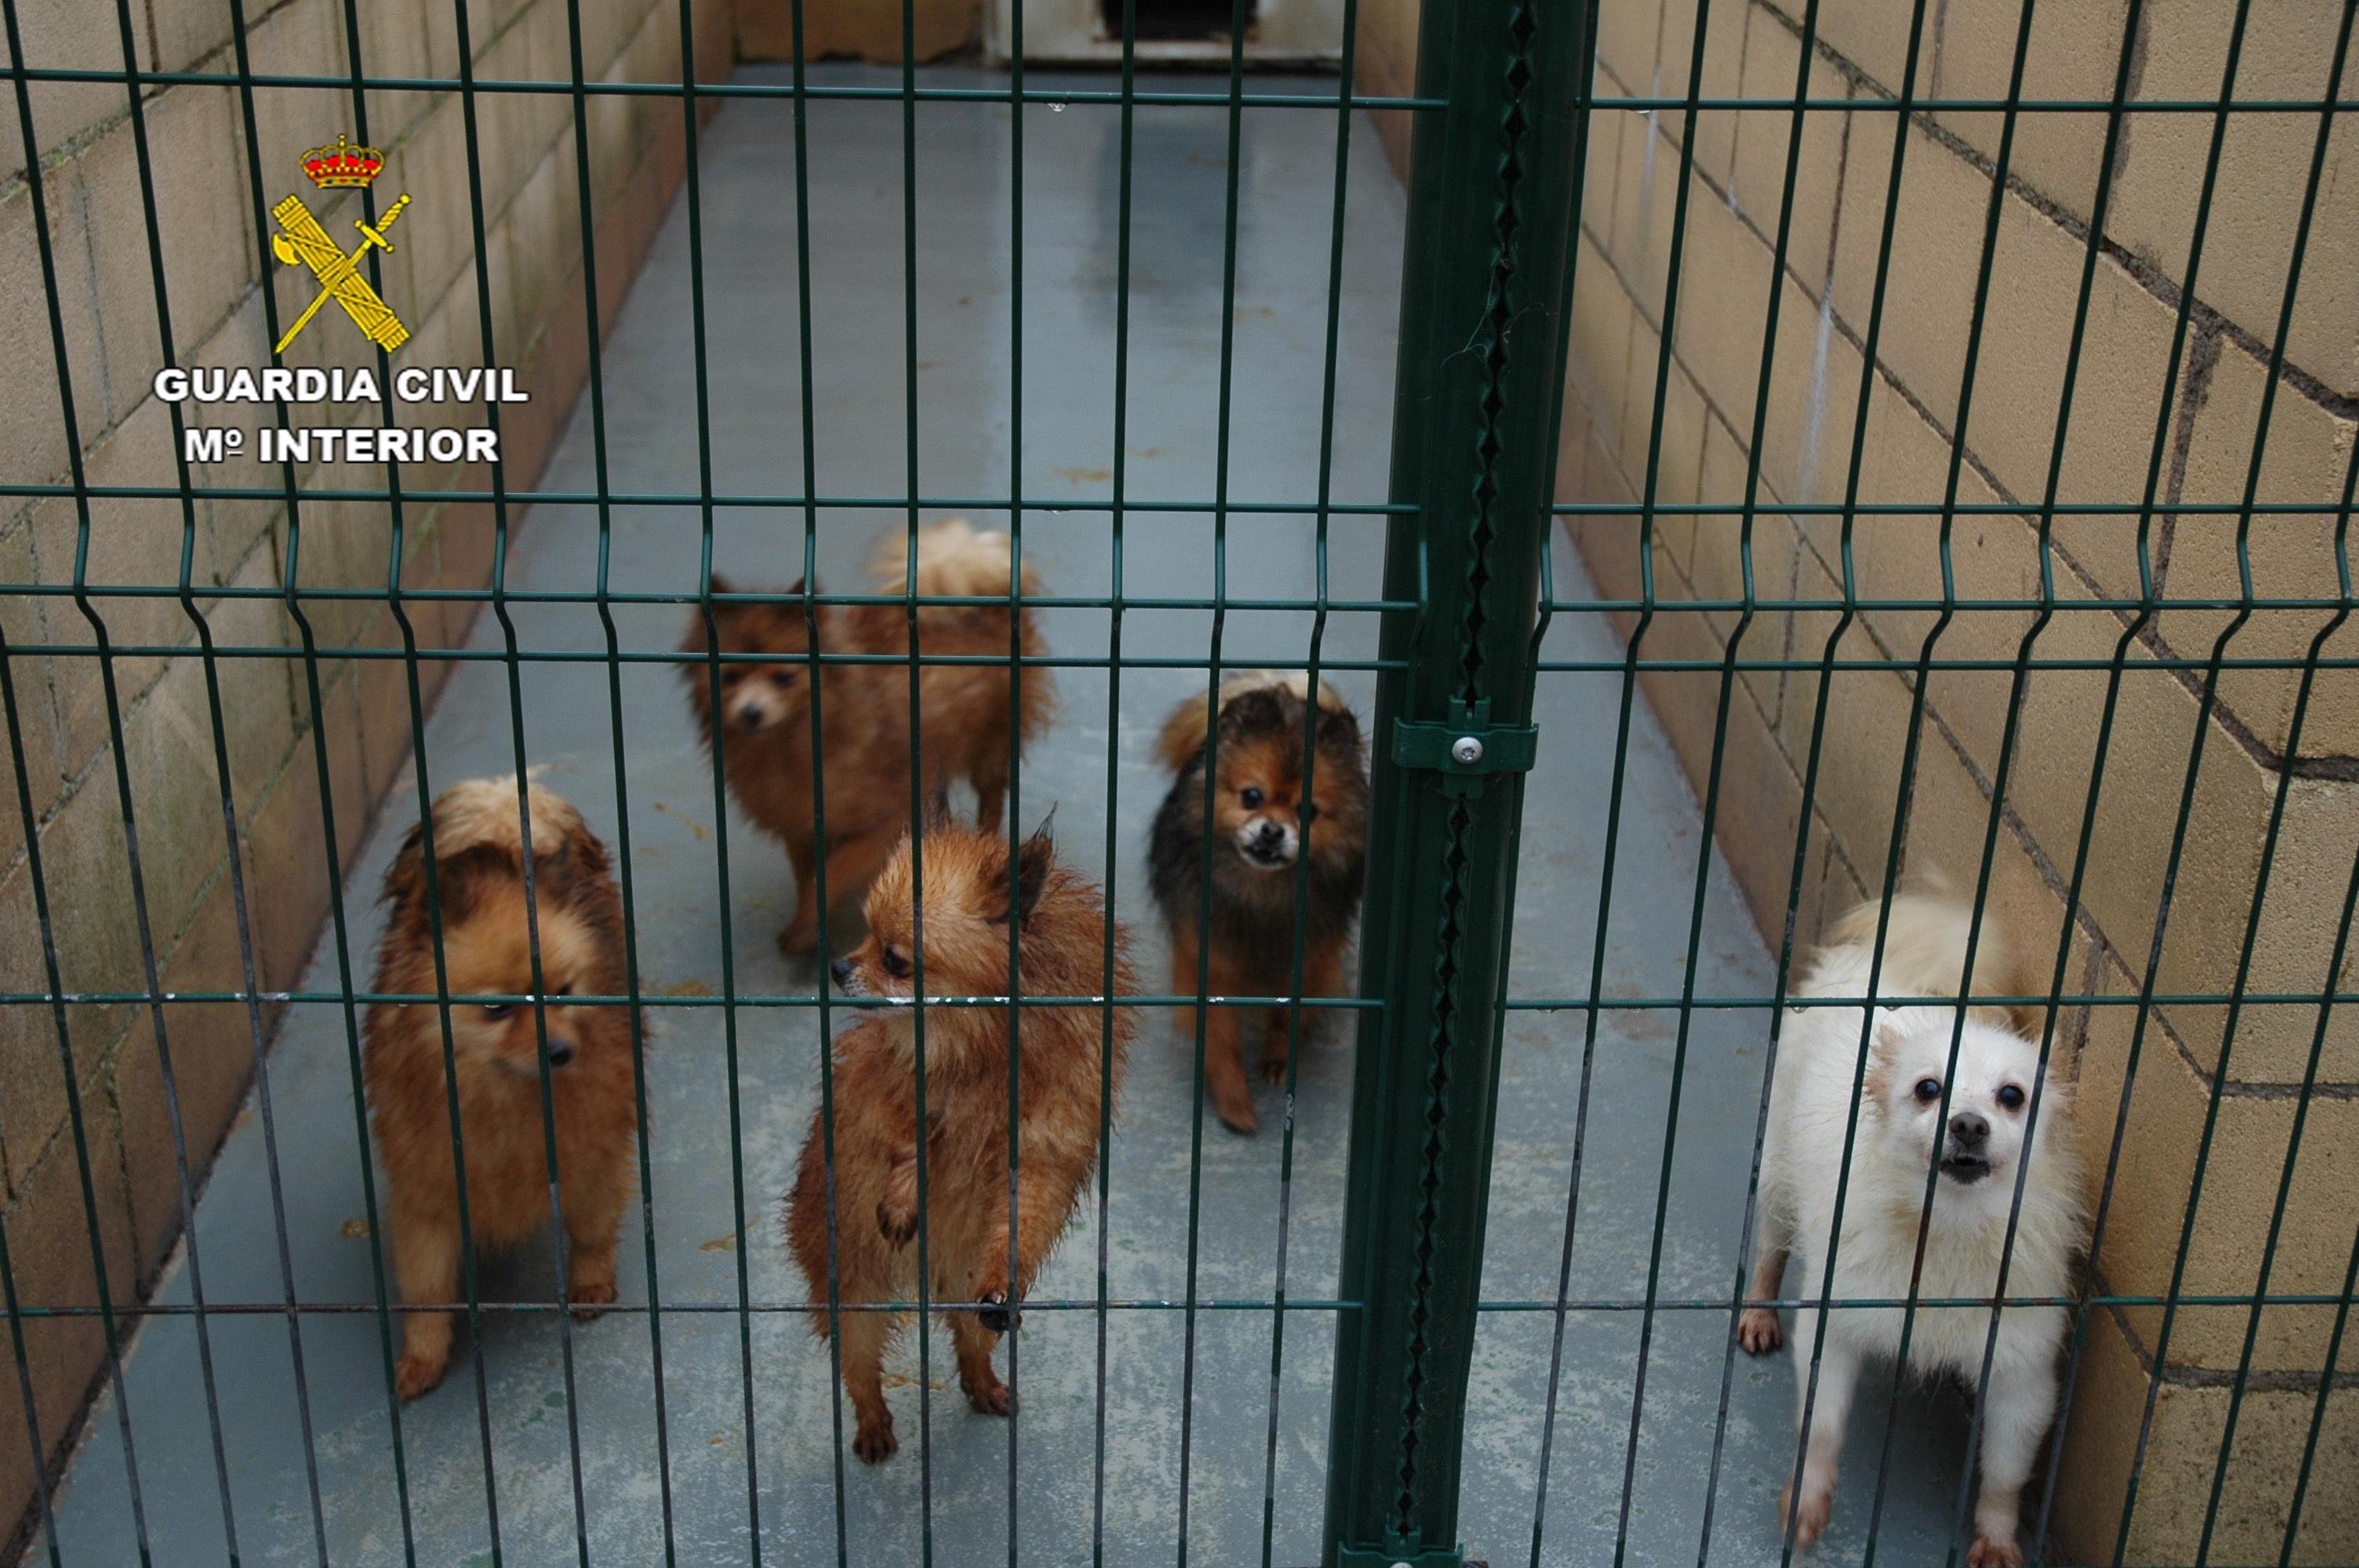 Guardia Civil interviene cerca de 600 animales de compañía que habrían sido introducidos en el país de forma irregular